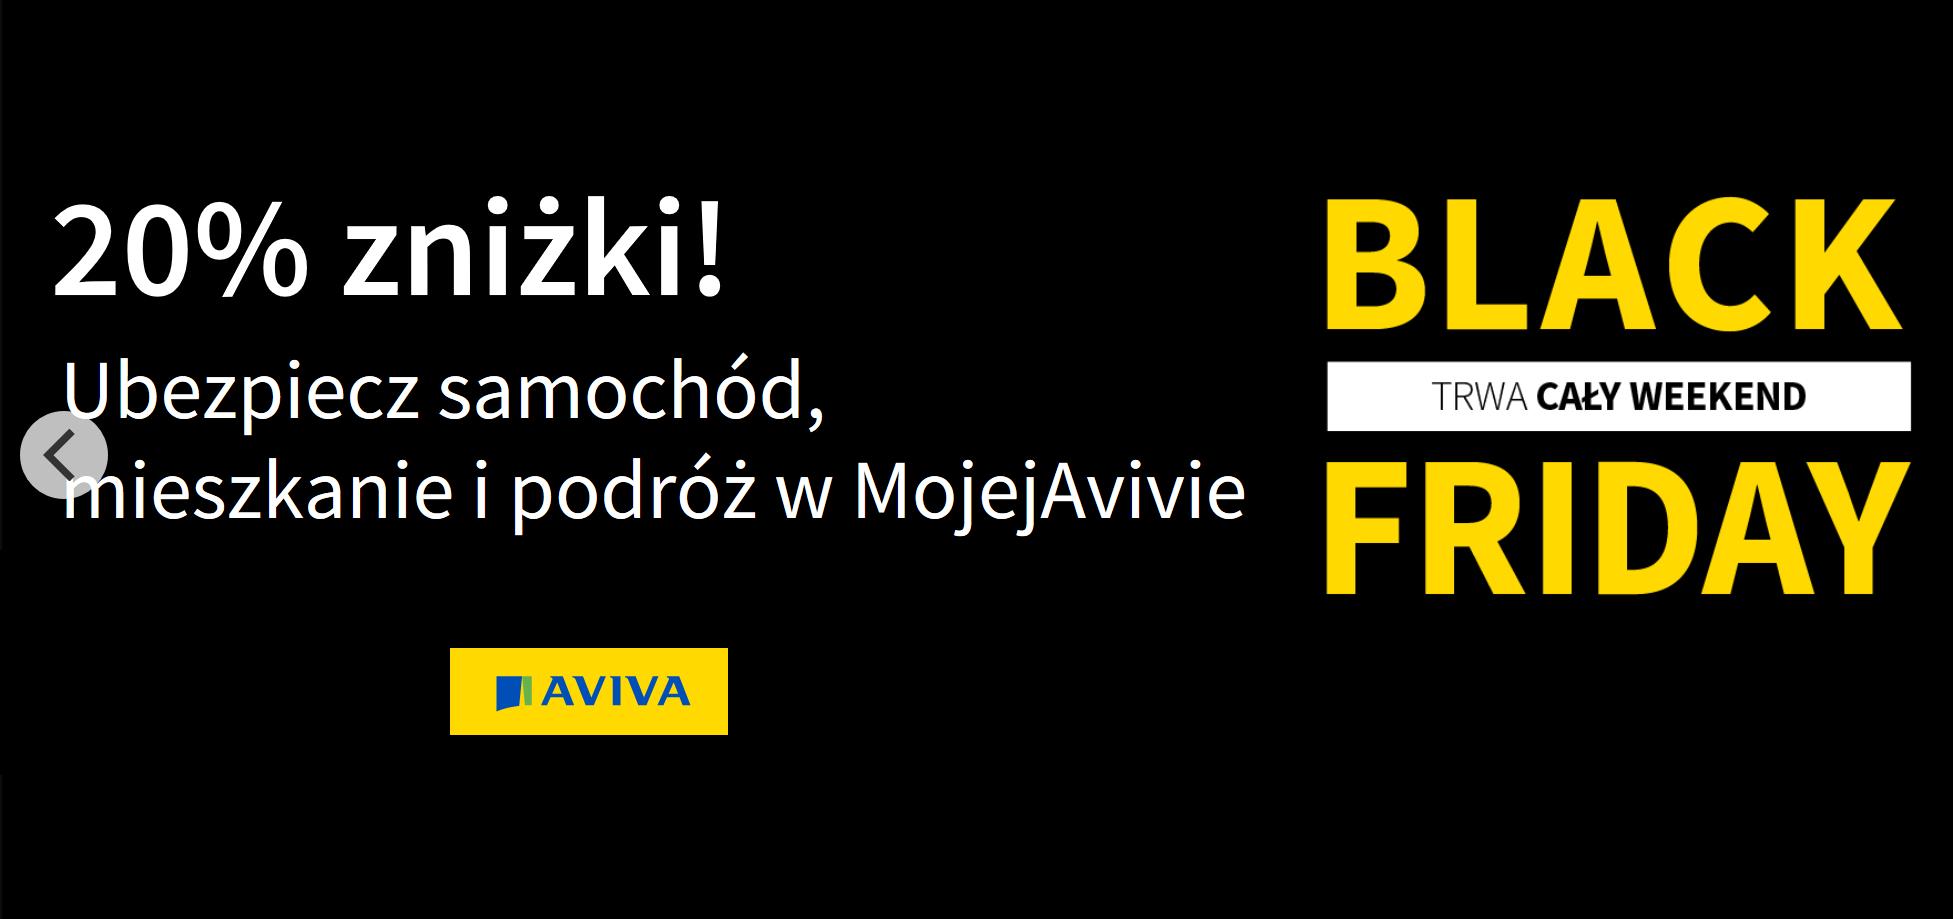 Aviva - 20% zniżki na ubezbieczenia z okazji Black Friday